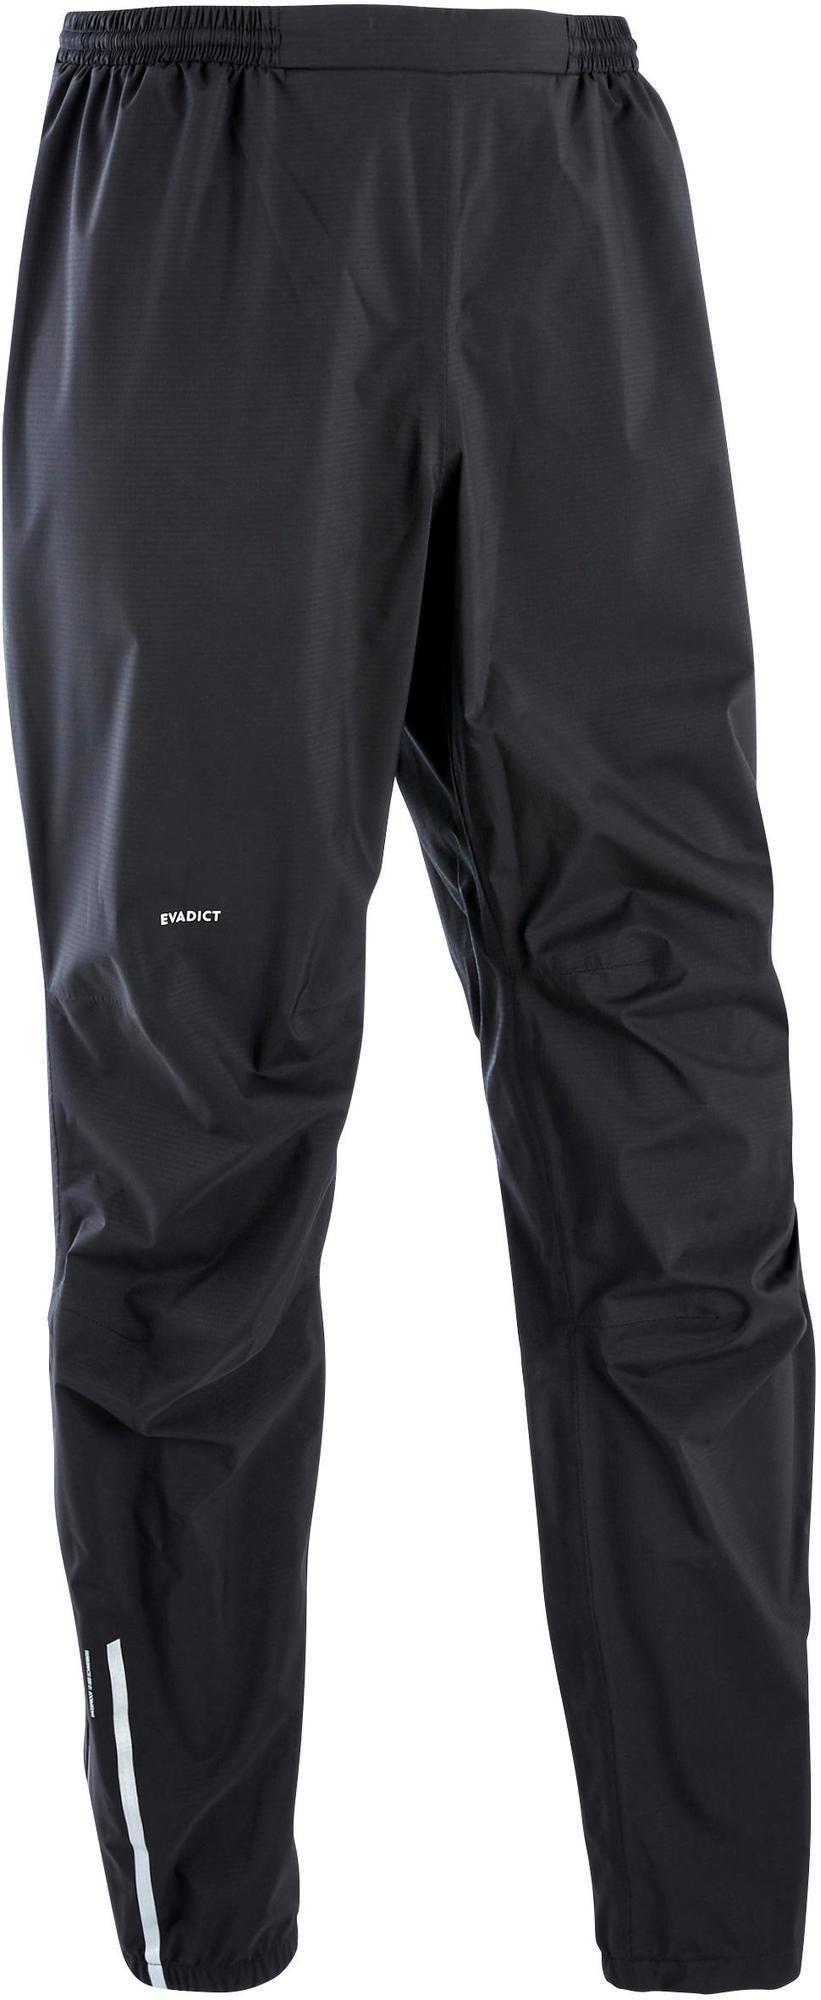 Spodnie do biegania przeciwdeszczowe męskie Evadict